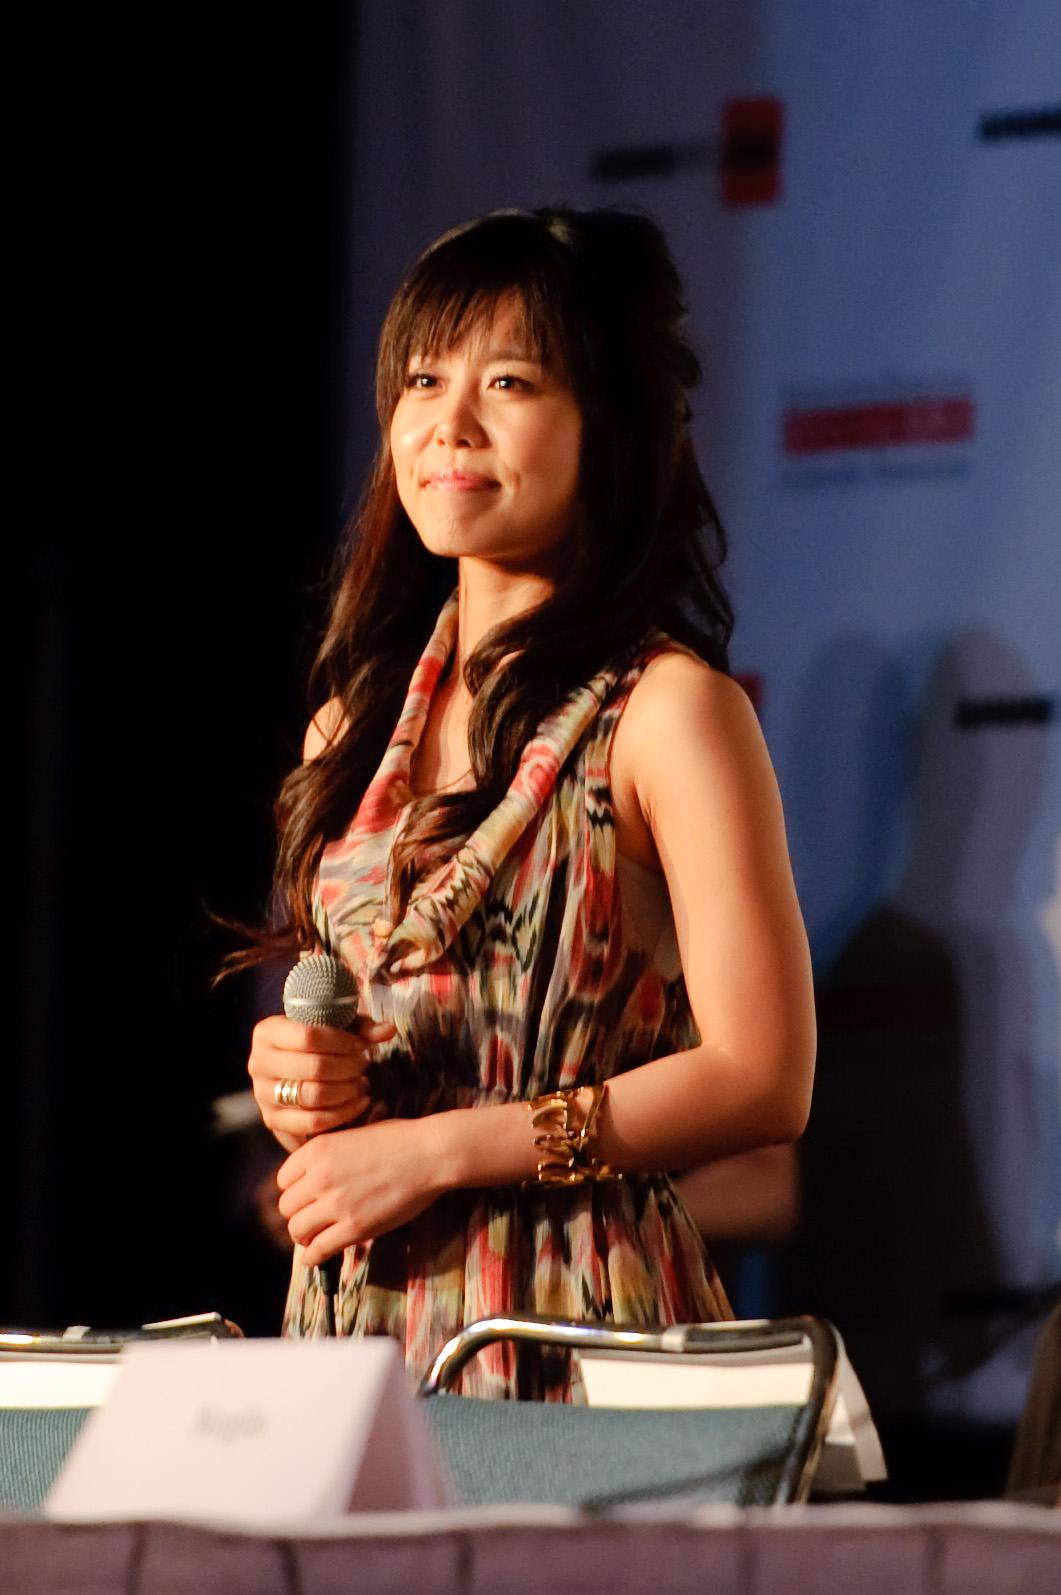 Miyuki Sawashiro Wikipedia